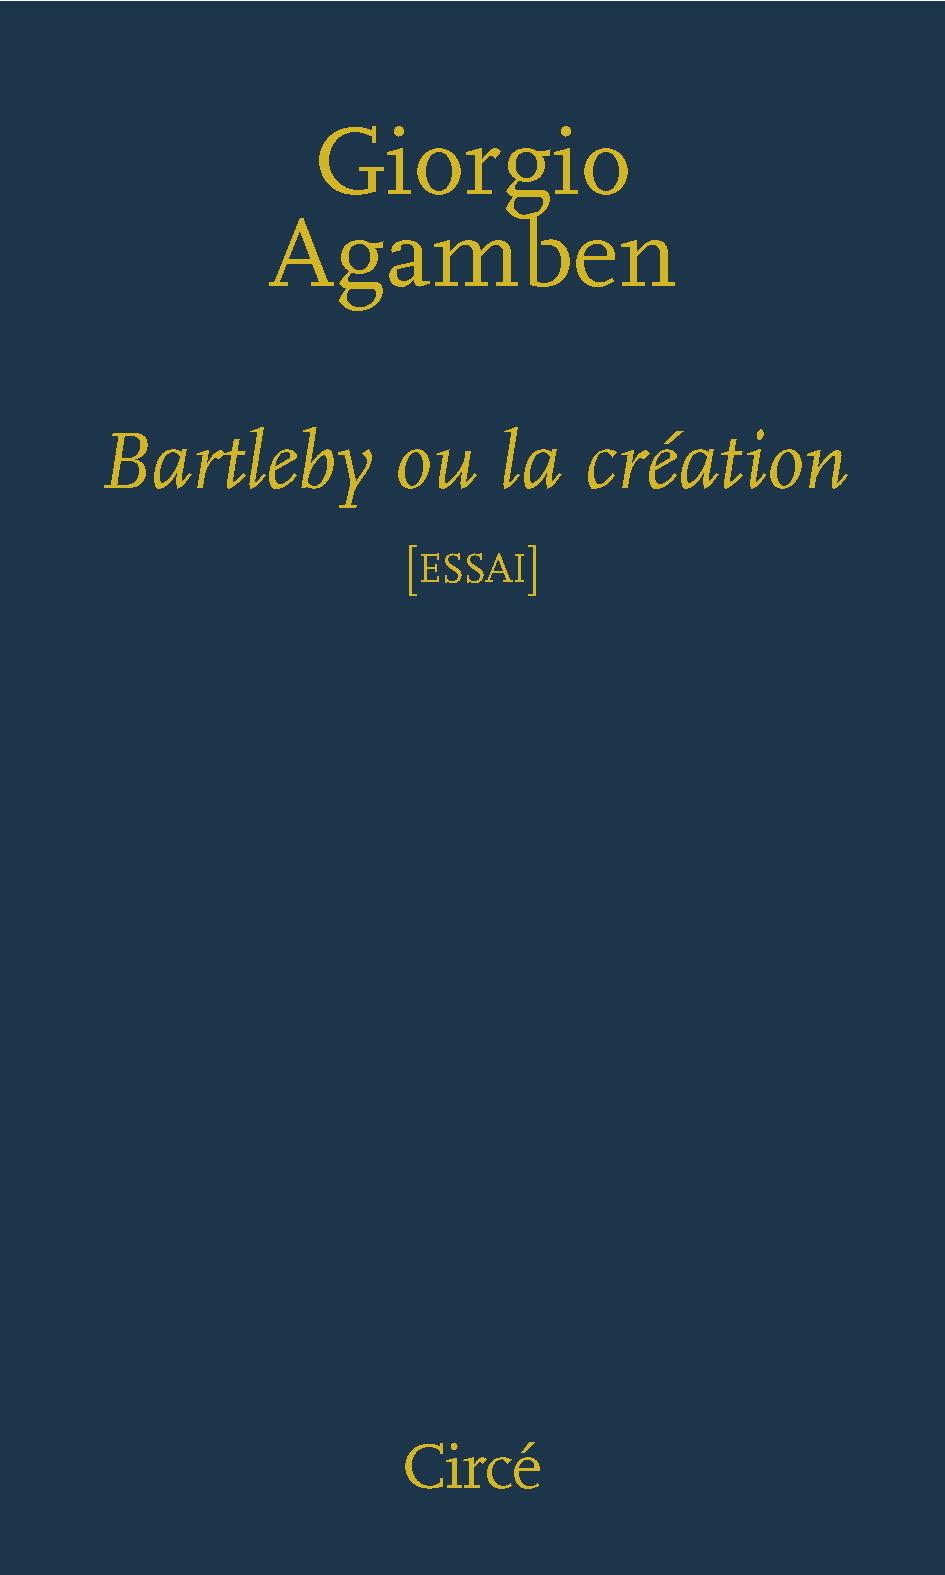 BARTLEBY OU LA CREATION